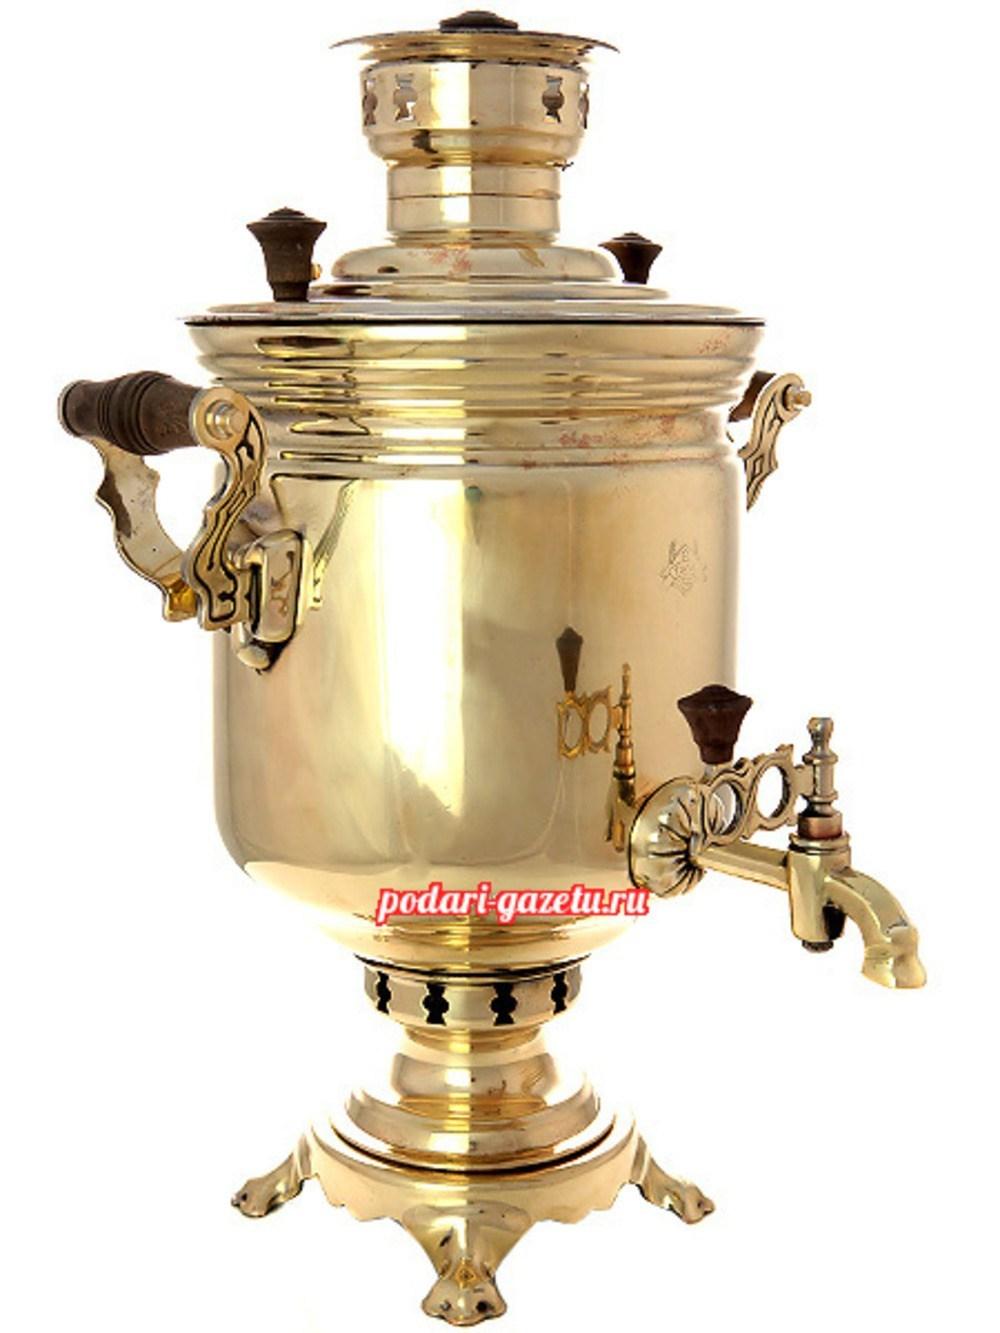 Угольный самовар (жаровый, дровяной) (5 литров), латунный цилиндр, произведен во второй половине XX века